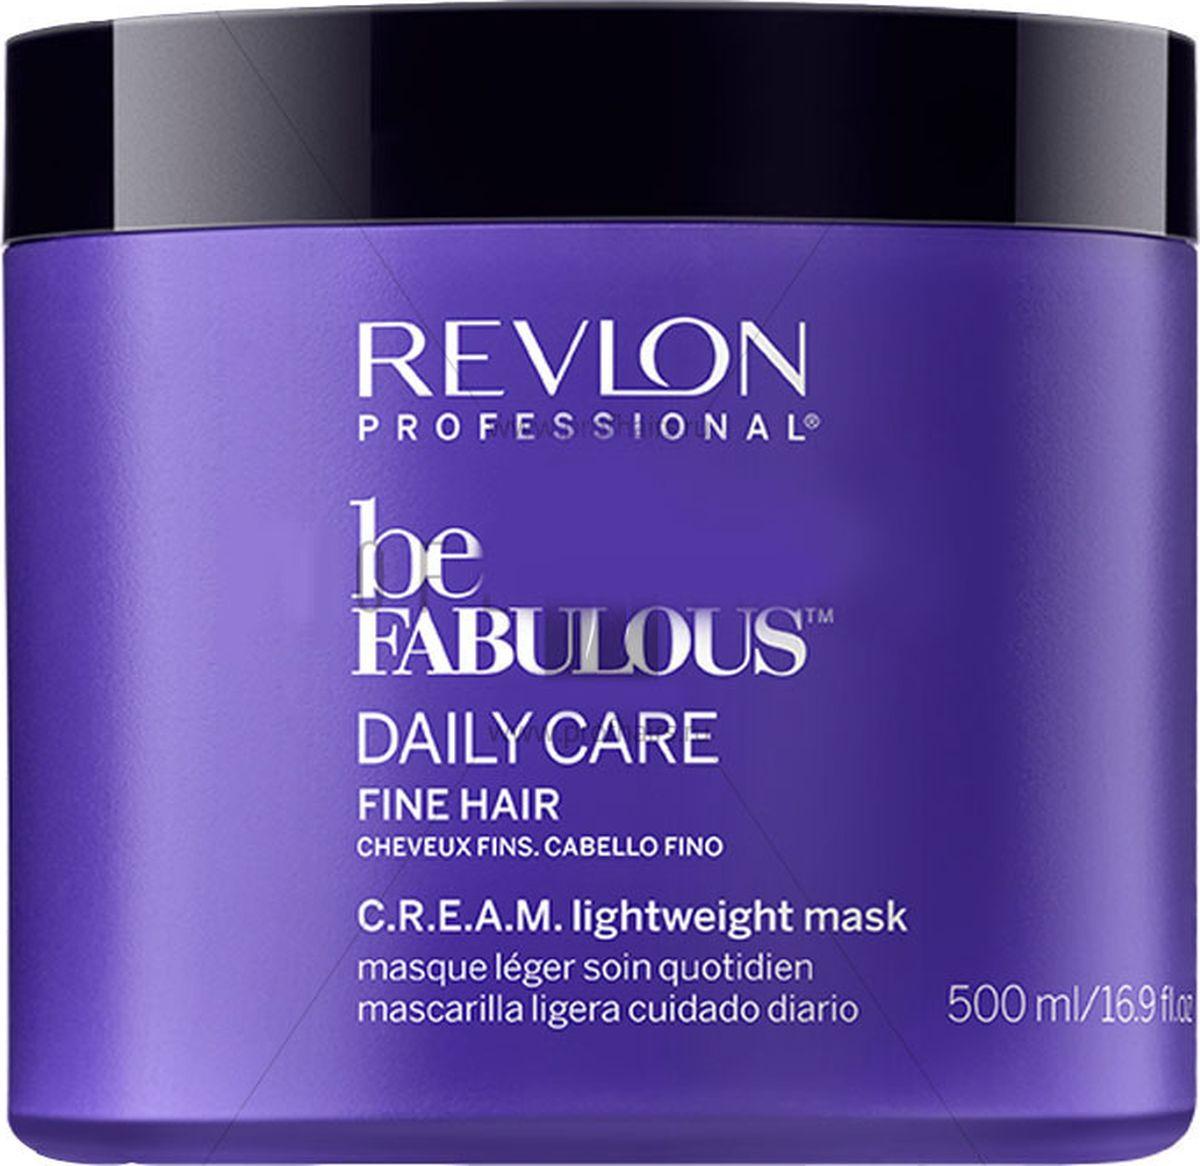 Revlon Professional Be Fabulous C.R.E.A.M. Mask For Fine Hair Маска для тонких волос, 500 мл7222477000Мультиухаживающая маска для тонких волос испанского бренда Revlon Professioanal. Содержит QUATERNIUM-22, кератин, пантенол, витамин Е и бетаин. Предназначена для частого применения, обладает мультиухаживающим эффектом: обеспечивает сохранение цвета (за счет комплекса УФ-фильтров), восстановление (кератин в составе), блеск без утяжеления (благодаря пантенолу), антивозрастной эффект (витамин Е) и увлажнение (бетаин). Имеет приятное сочетание ароматов бергамота, мускуса, фрезии.Применение: нанести небольшой объем маски для тонких волос Revlon, оставить на 3-5 минут, тщательно промыть теплой водой. Для достижения эффекта профессионально ухоженных сияющих волос рекомендуется дополнительное использование очищающего шампуня и кондиционера для тонких волос серии Be Fabulous Cream Revlon.Объем: 500 мл